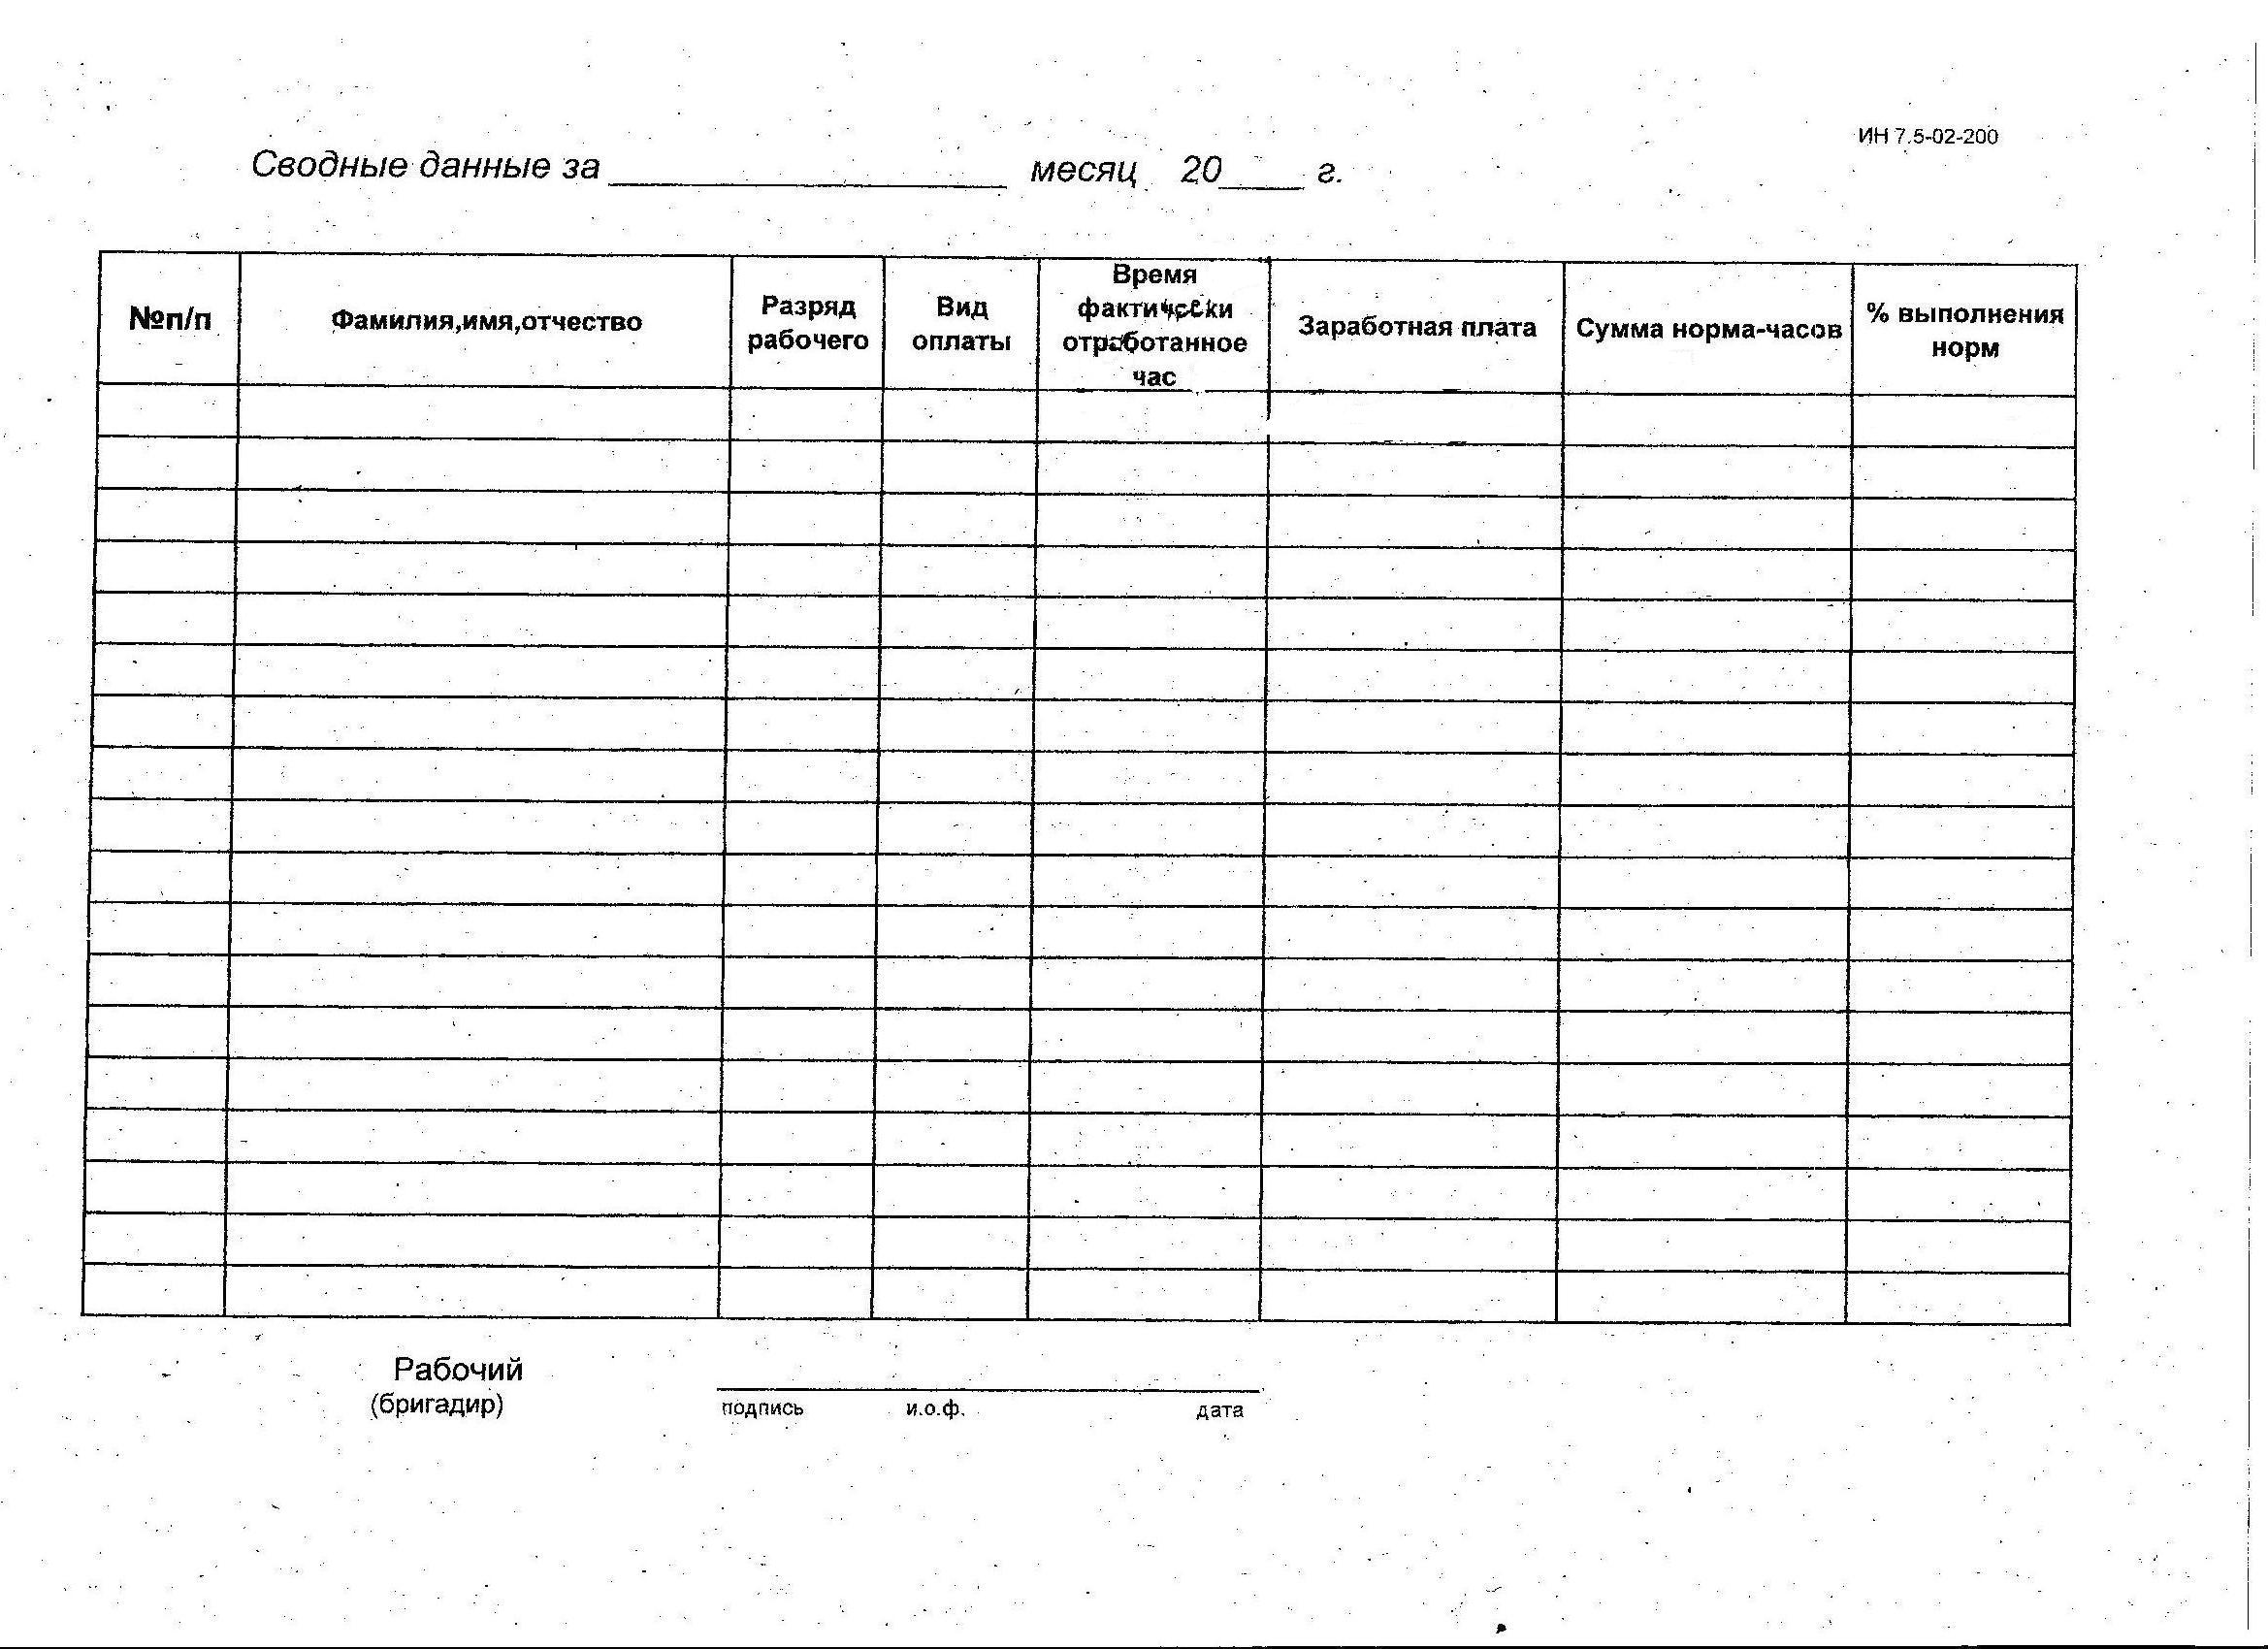 Наряд на сдельную работу Форма апк  Оборотная сторона Формы 414 АПК ООО Щекинский завод РТО